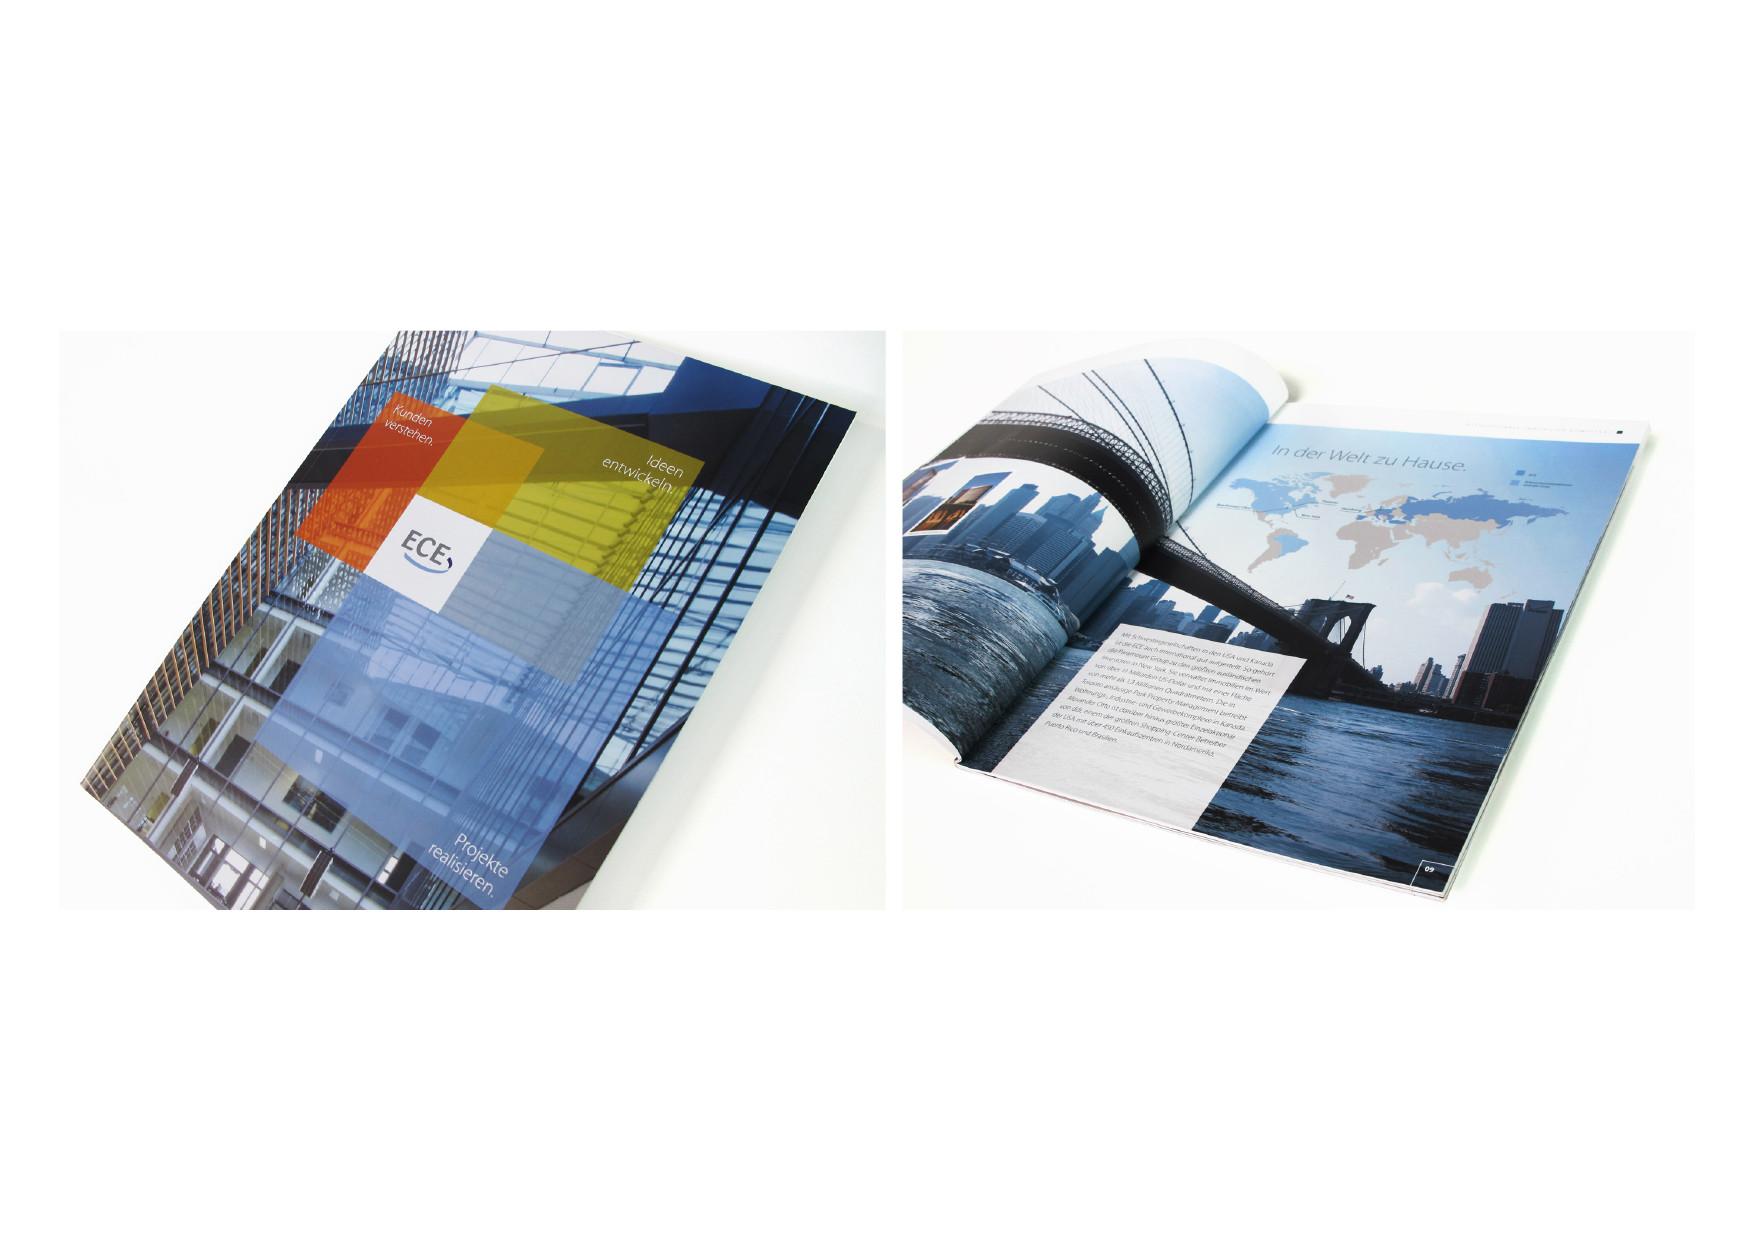 ece projektmanagement gmbh imagebroschre oti talkpoint - Imagebroschure Beispiele